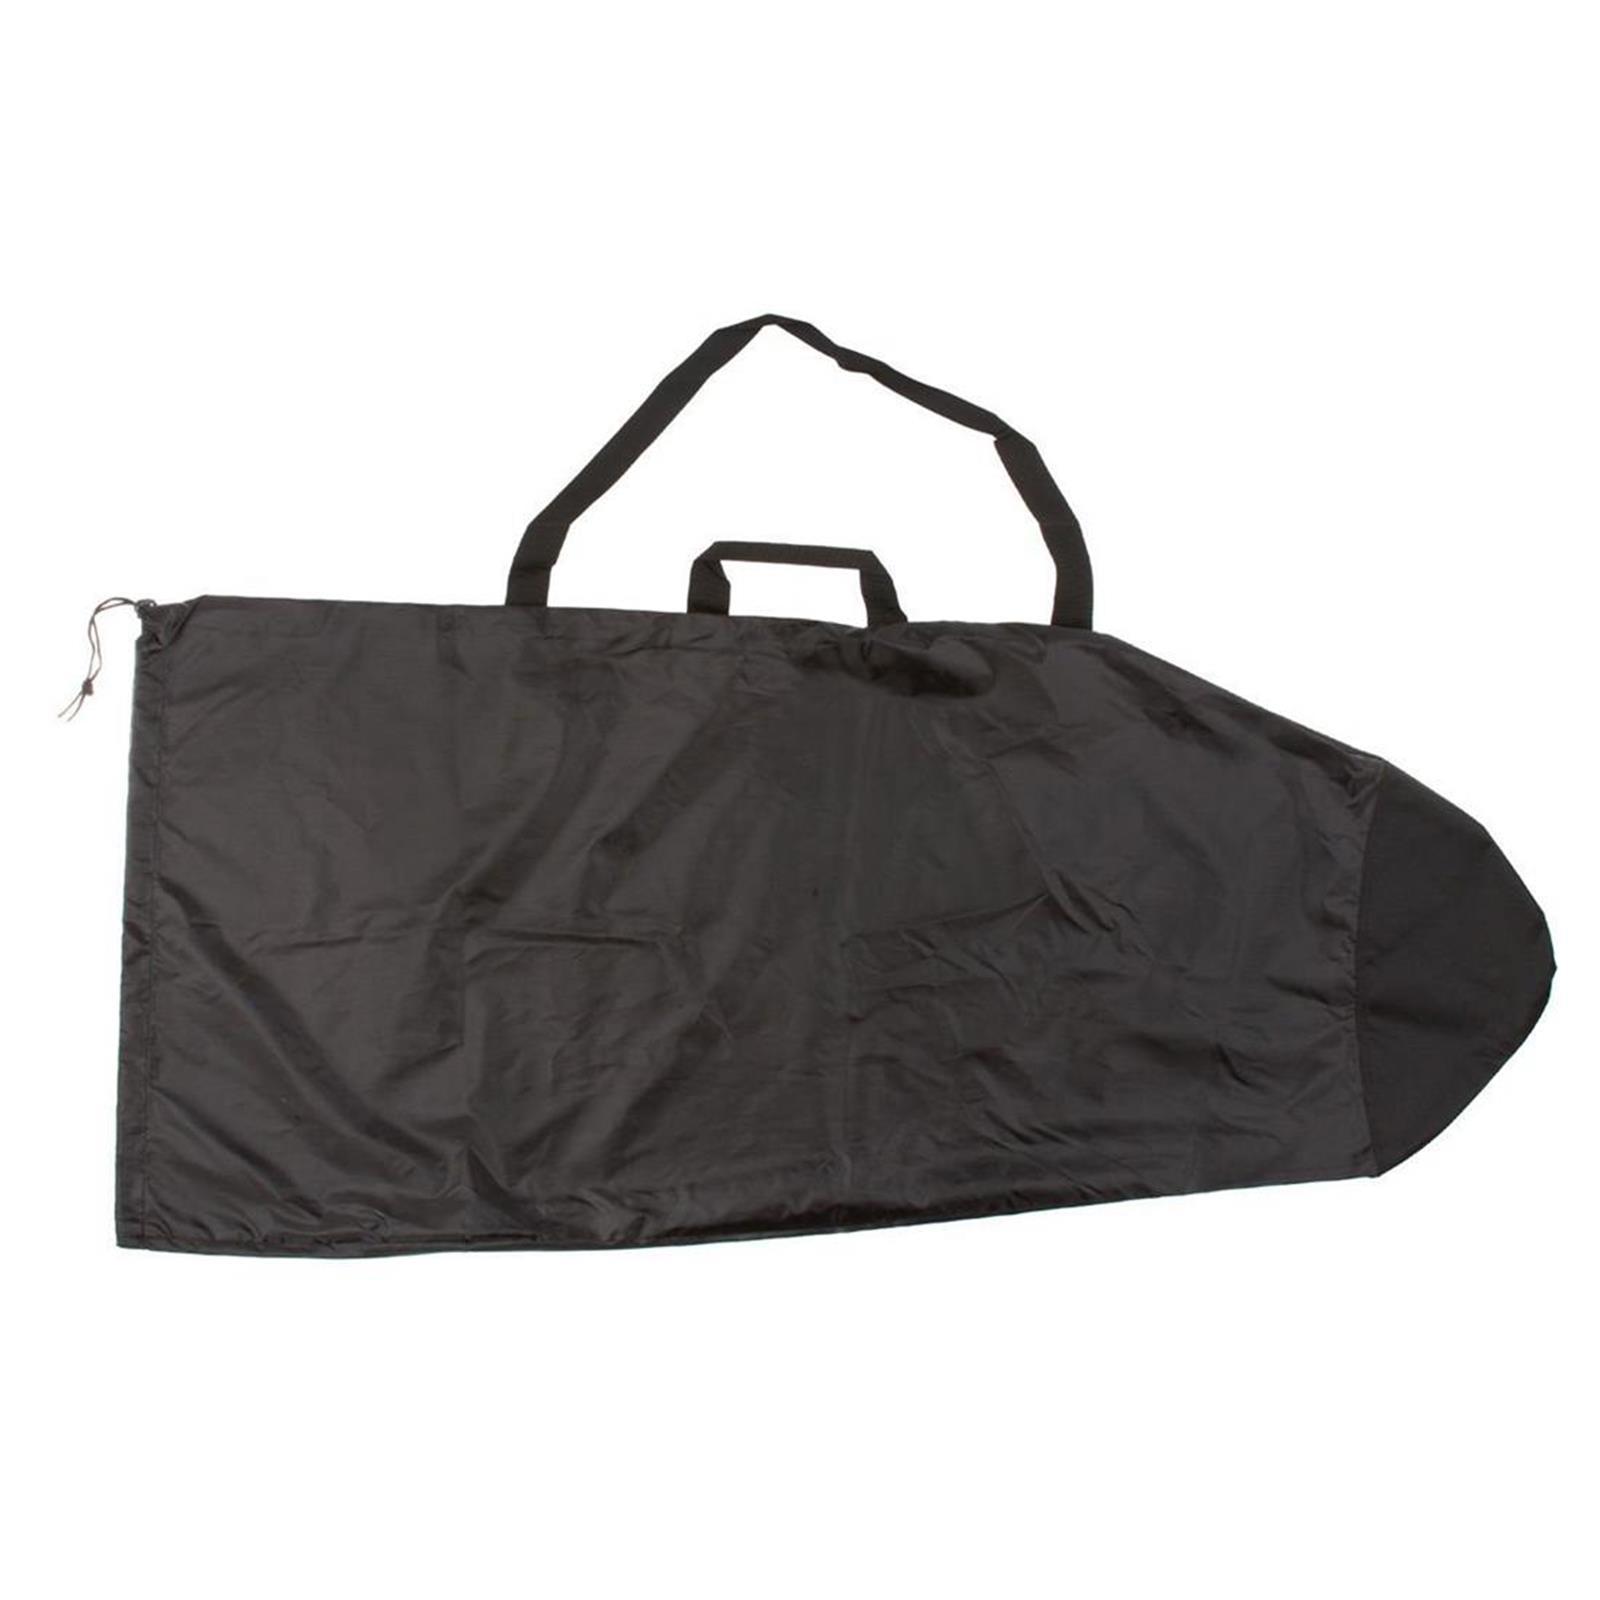 7934e376986 Skimboard Bag tas SkimOne Nylon zwart